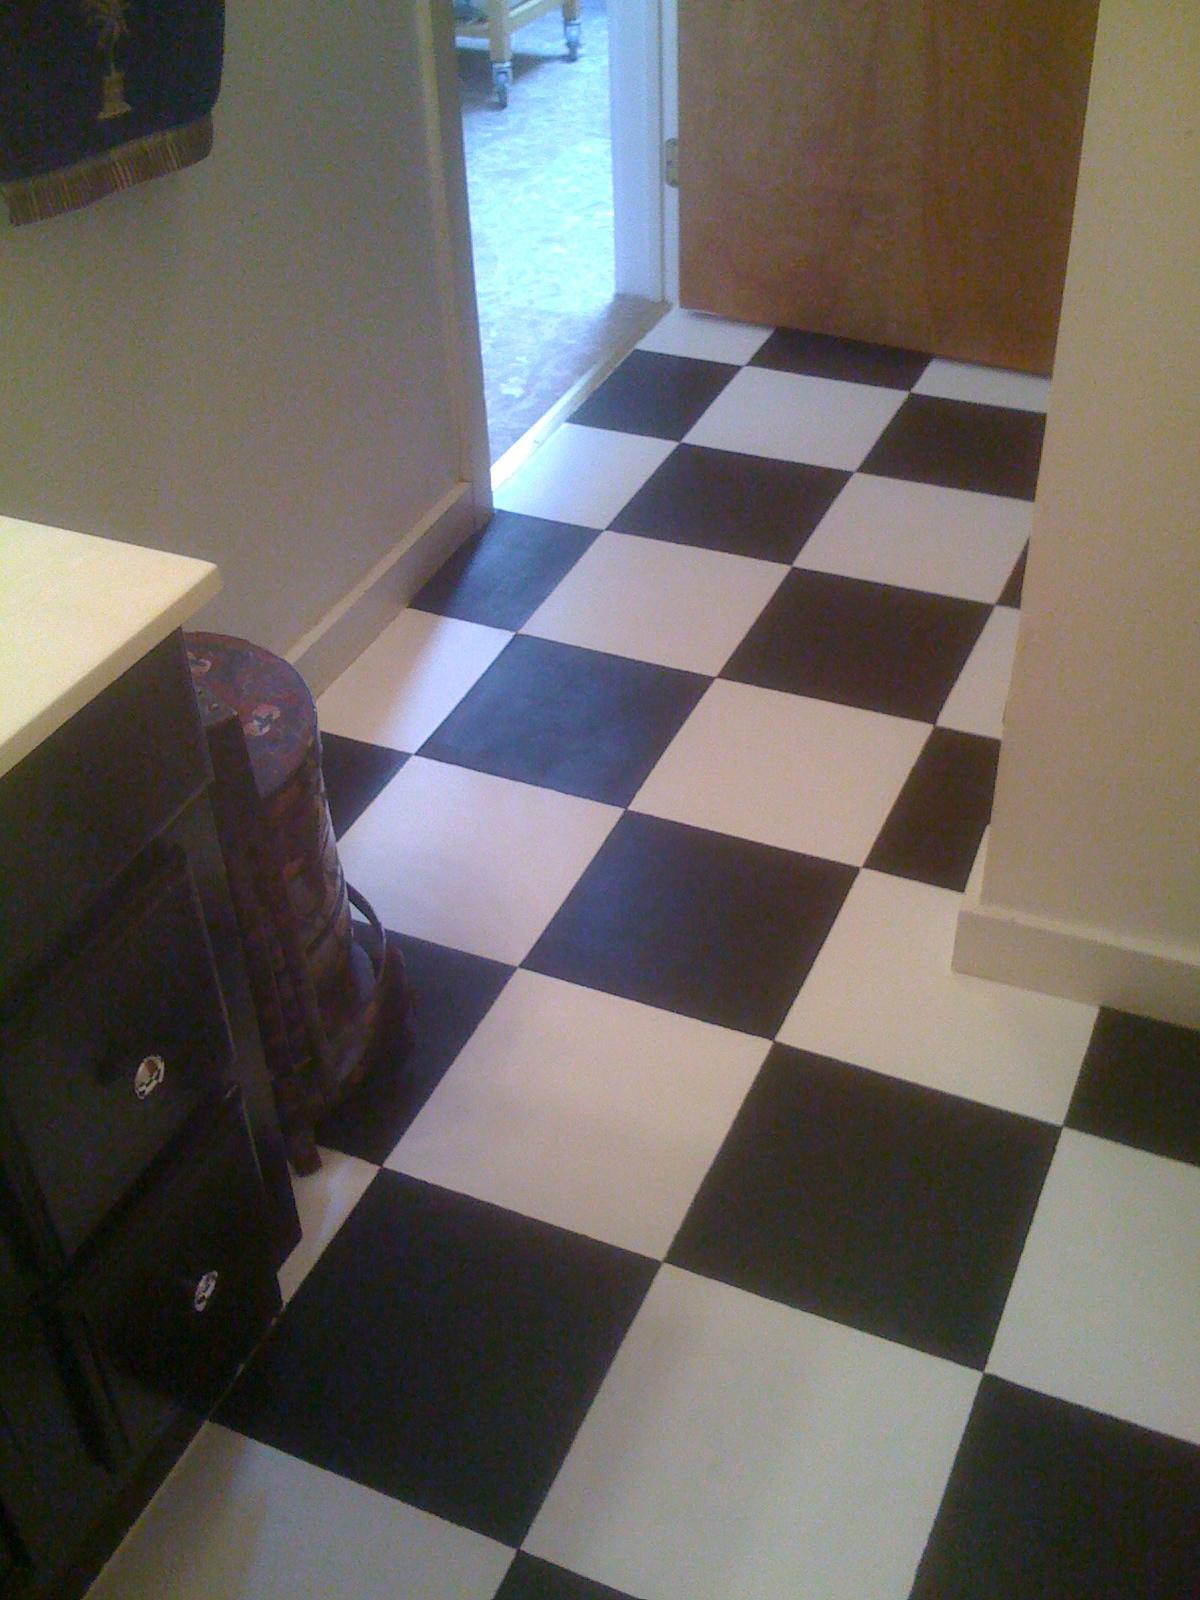 Painting Over Bathroom Floor Tiles